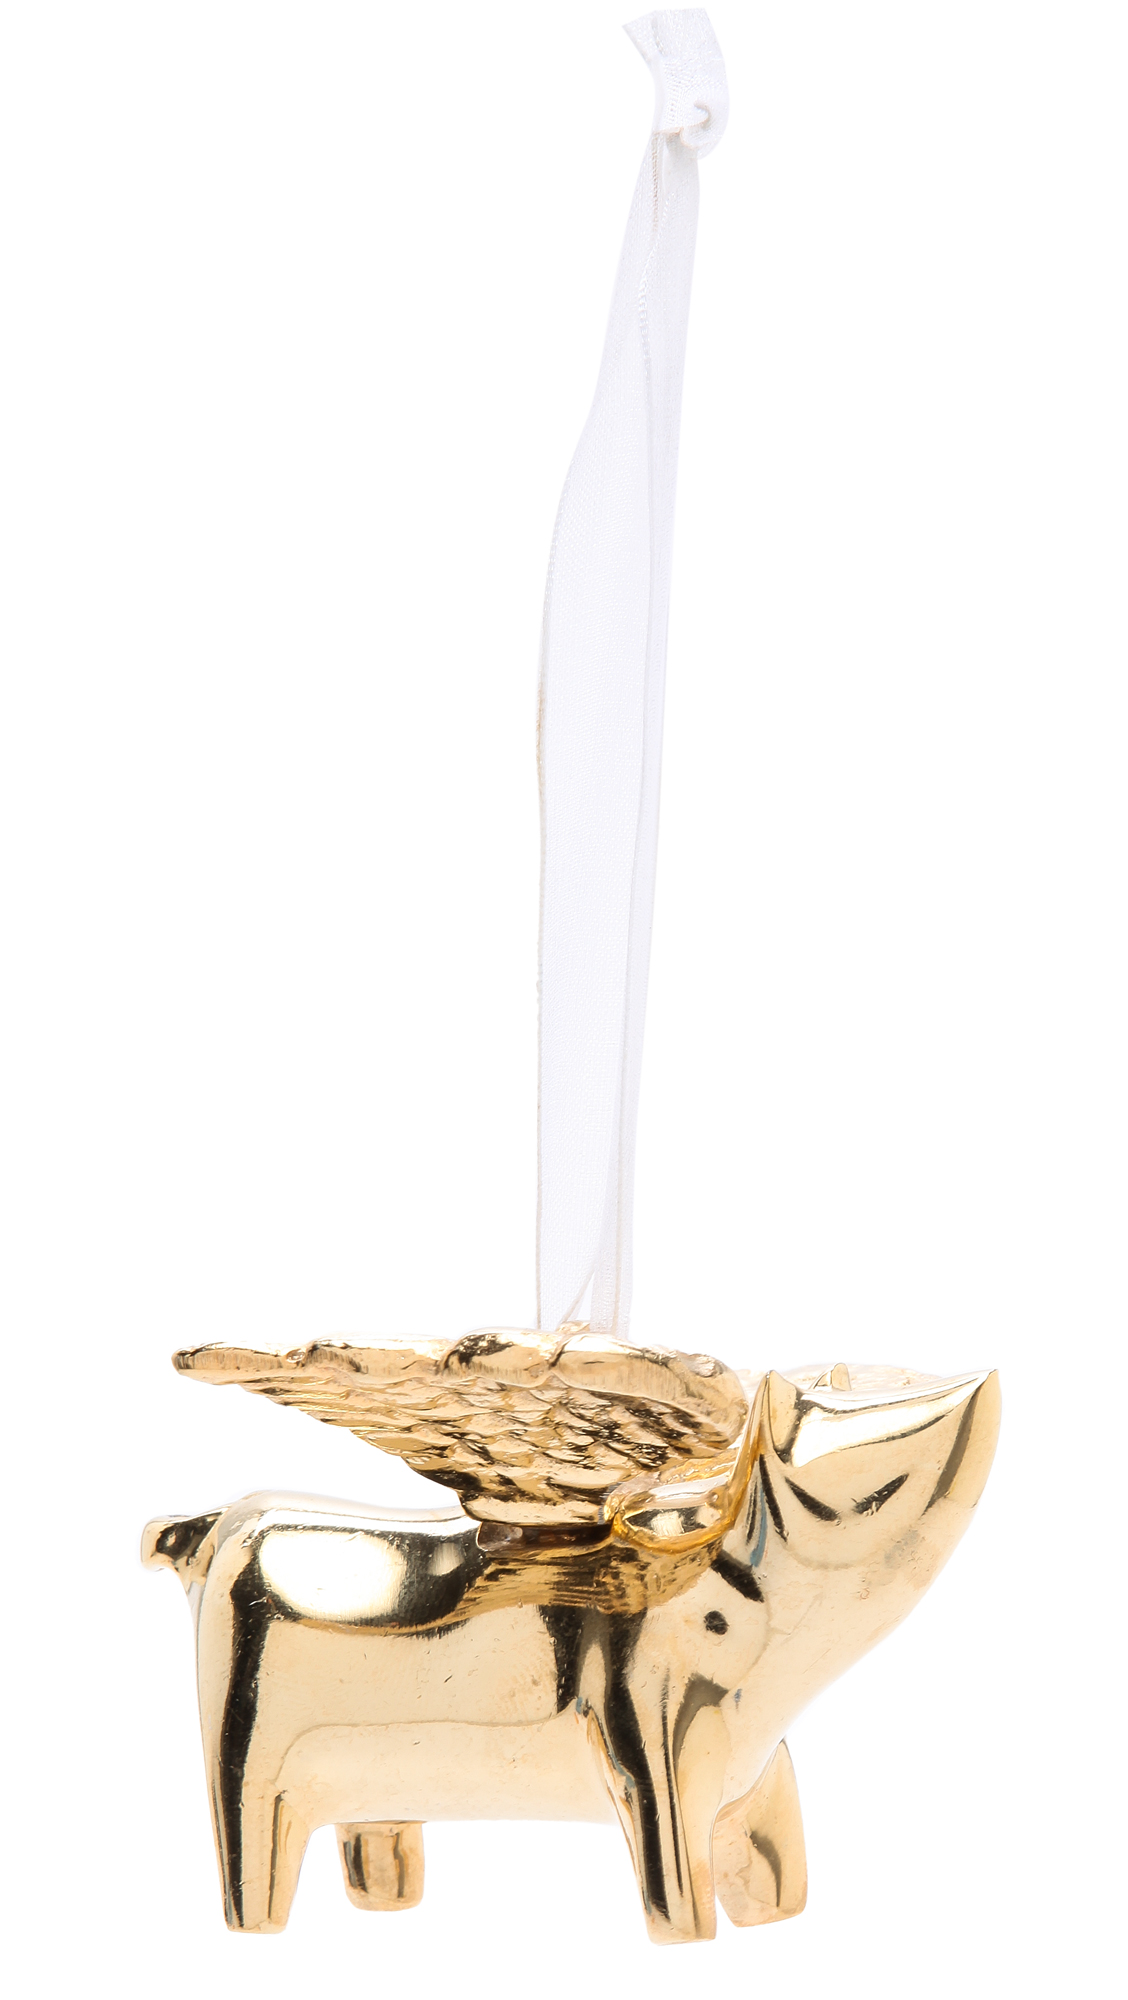 Golden Flying Pig Ornament